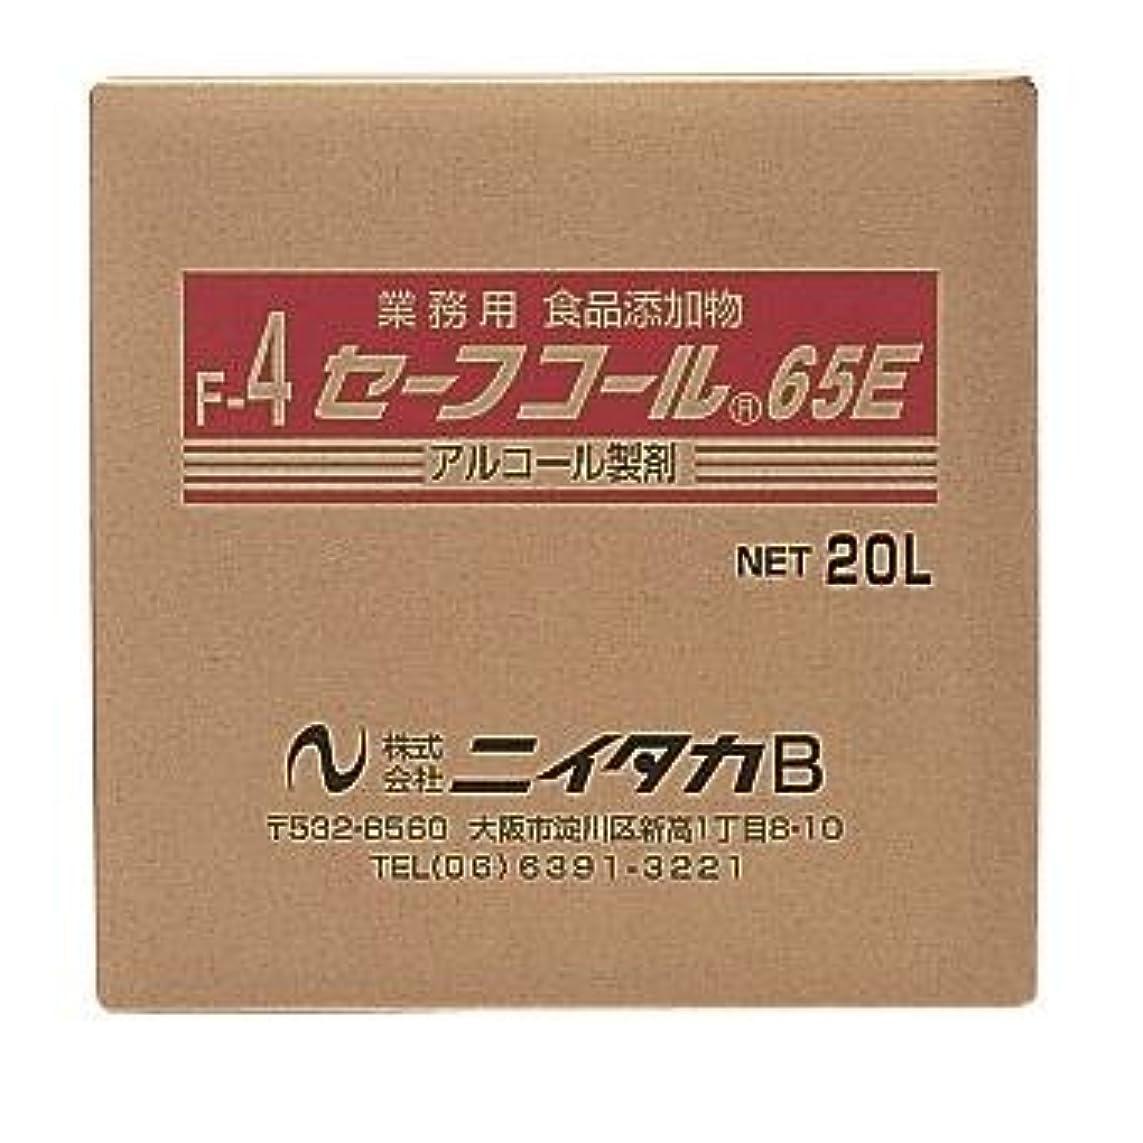 ハーフレール化学ニイタカ:セーフコール65E(F-4) 20L(BIB) 270302